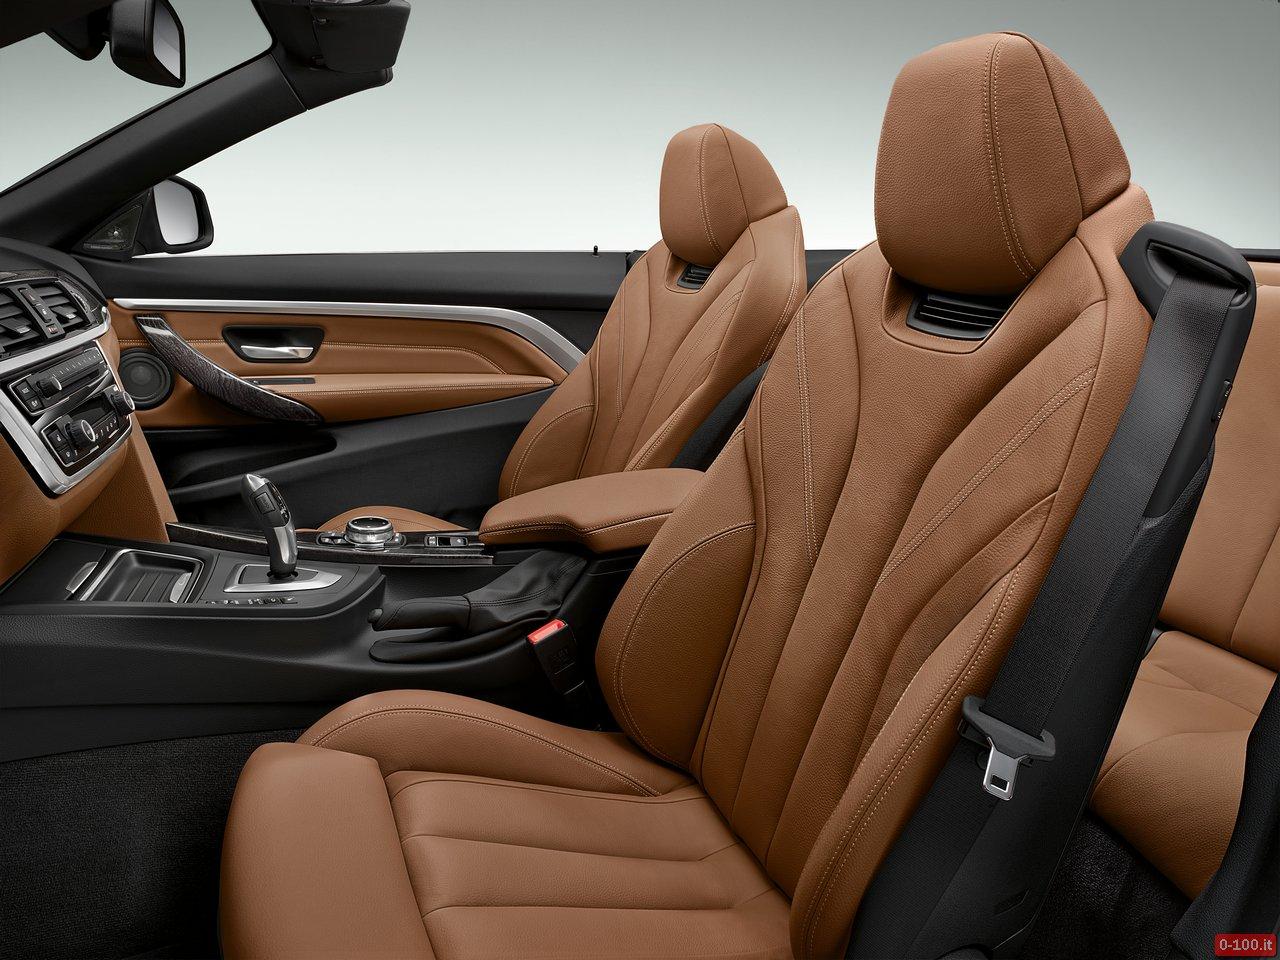 BMW-serie-4-cabrio-420d-428i-435i-cabrio_61